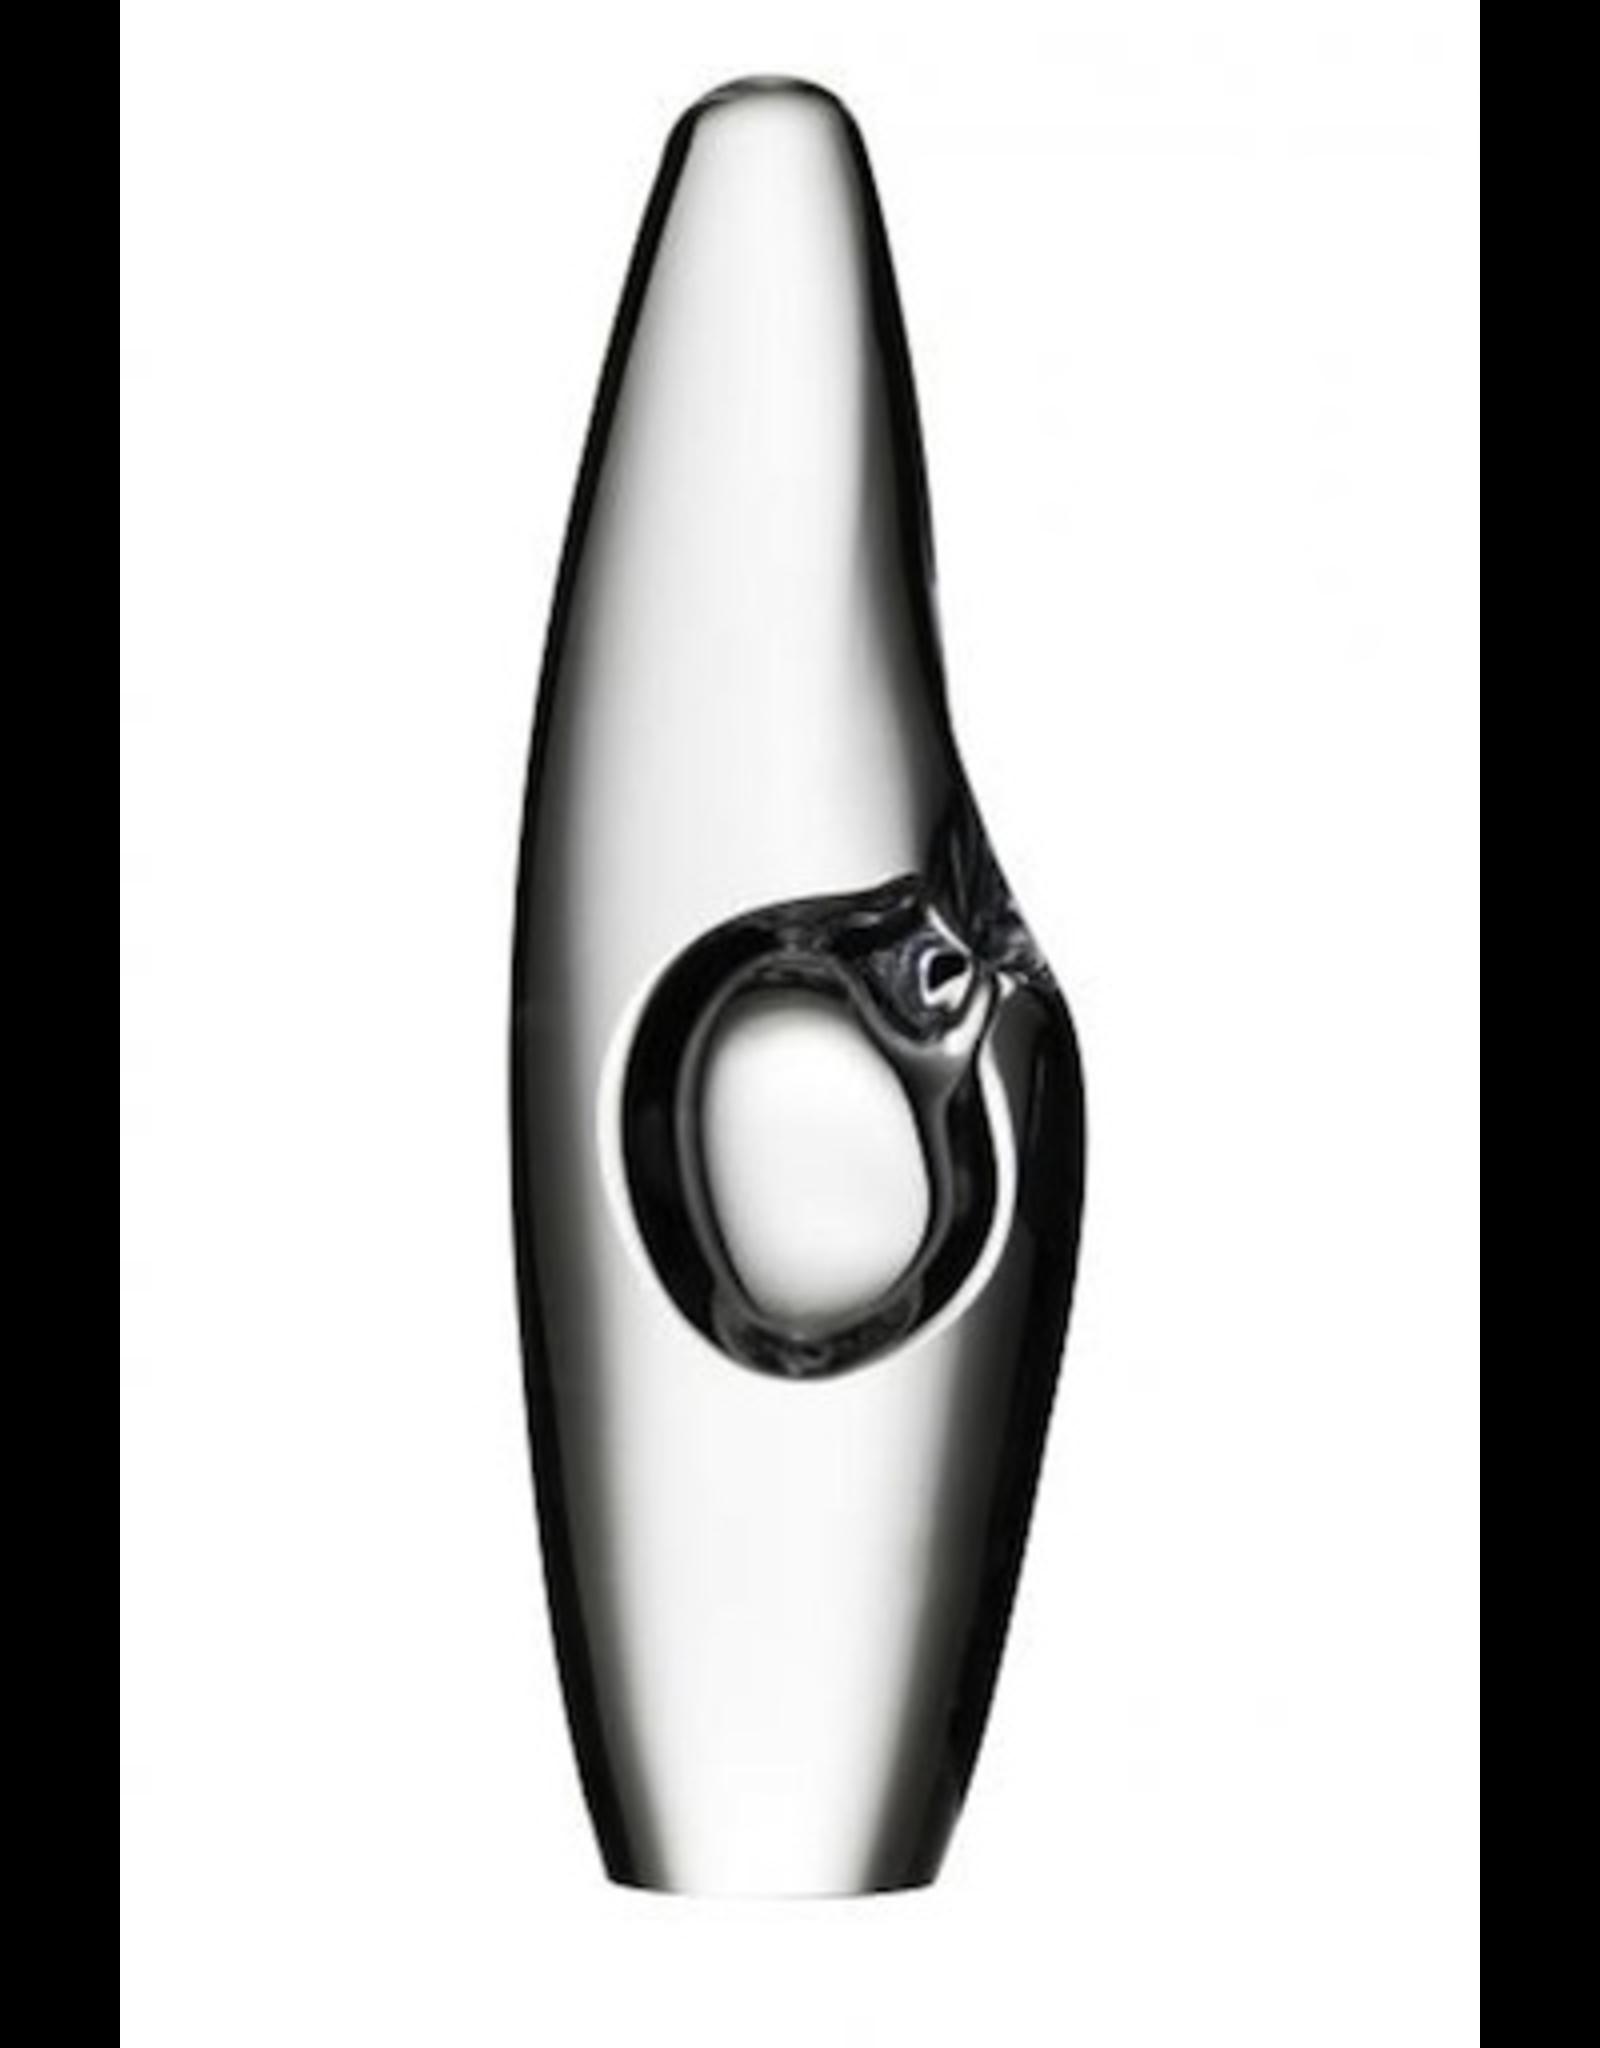 IITTALA ORKIDEA 艺术作品250毫米